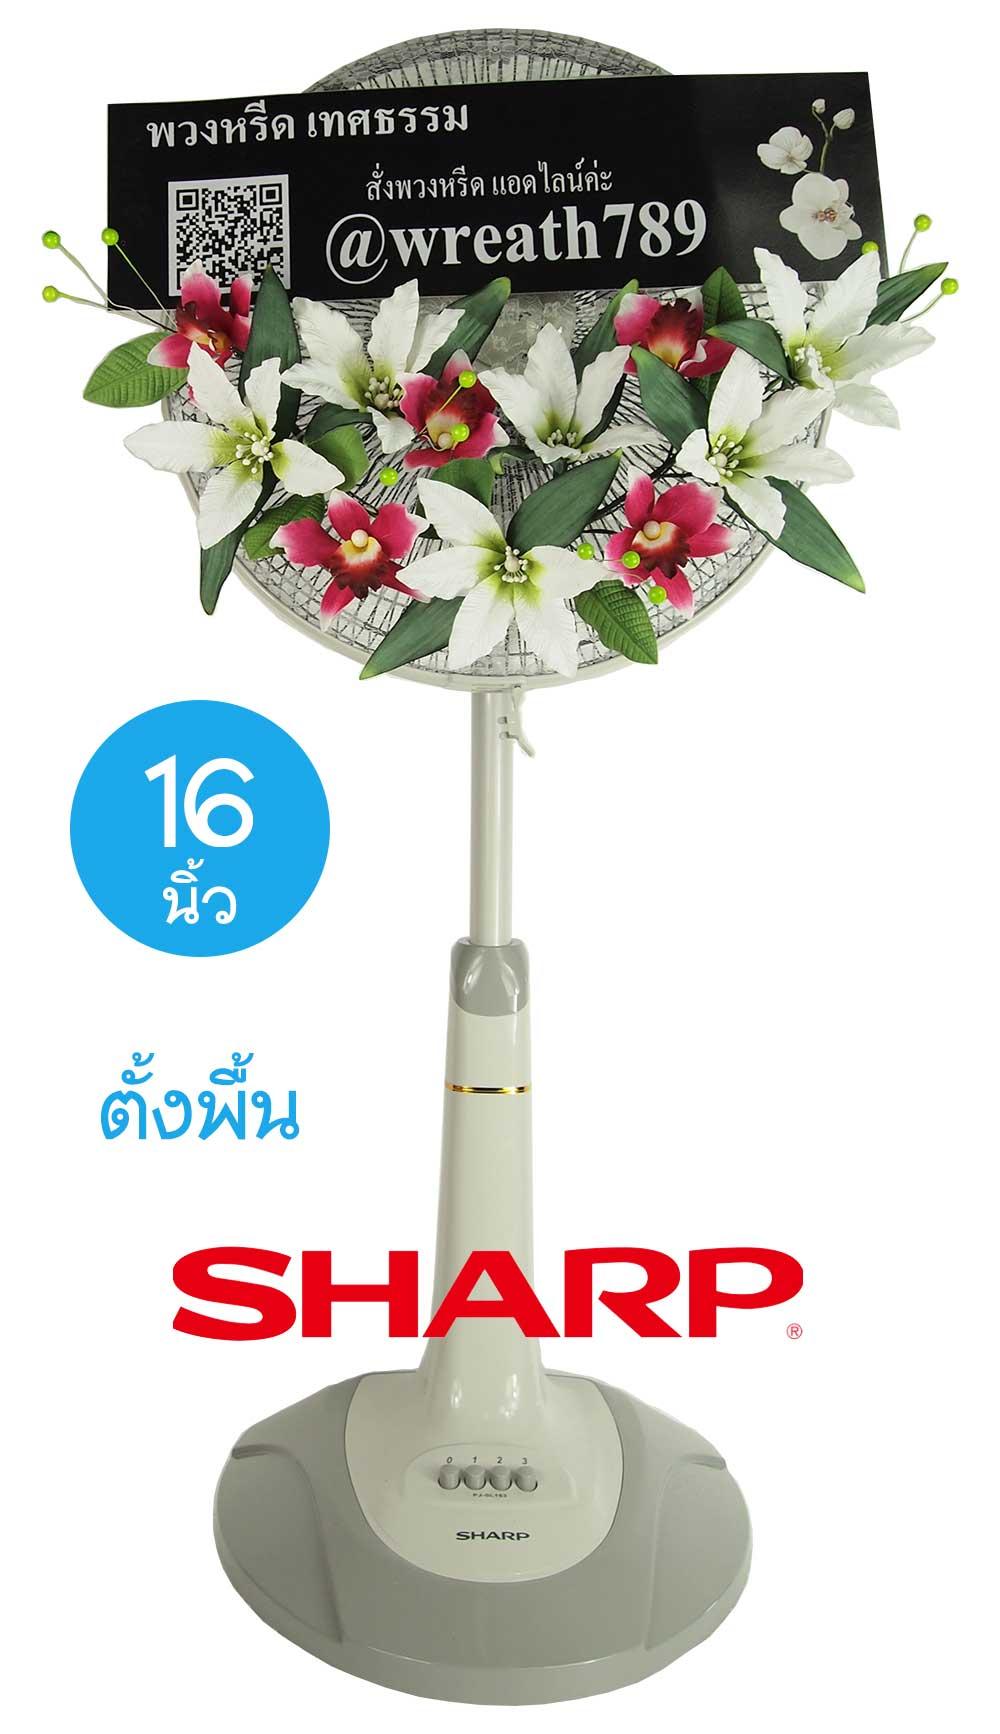 พวงหรีดพัดลม แบบที่105r 16นิ้ว Sharp พัดลมสีเทา wreath789